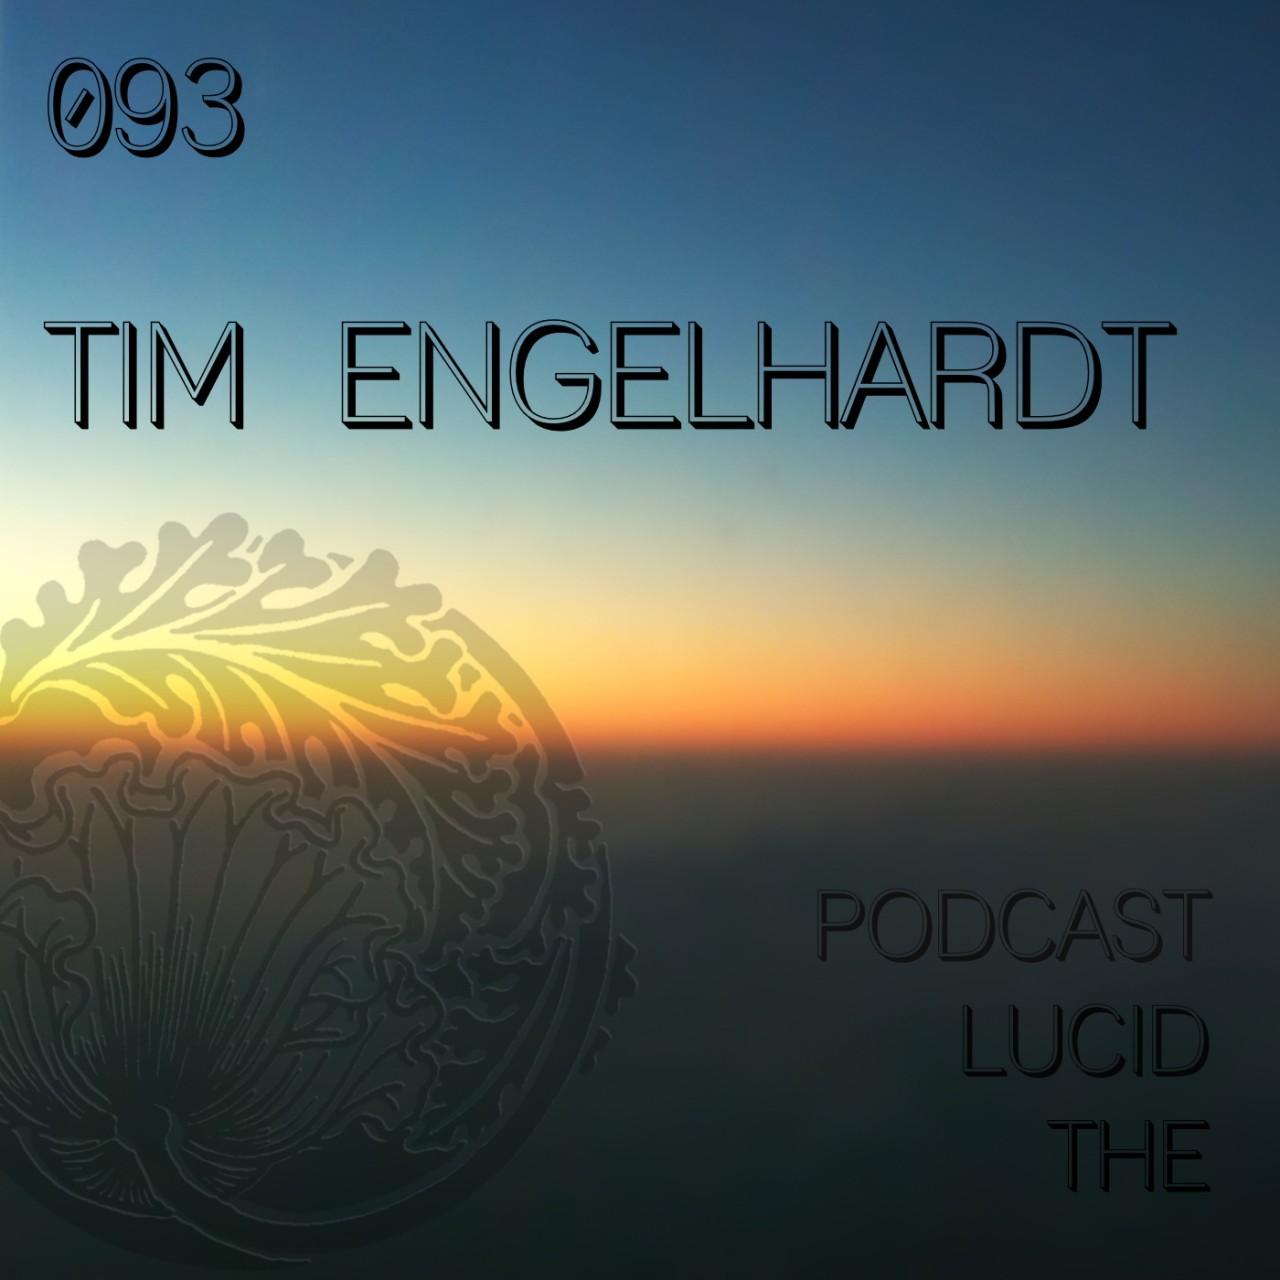 The Lucid Podcast 093 Tim Engelhardt